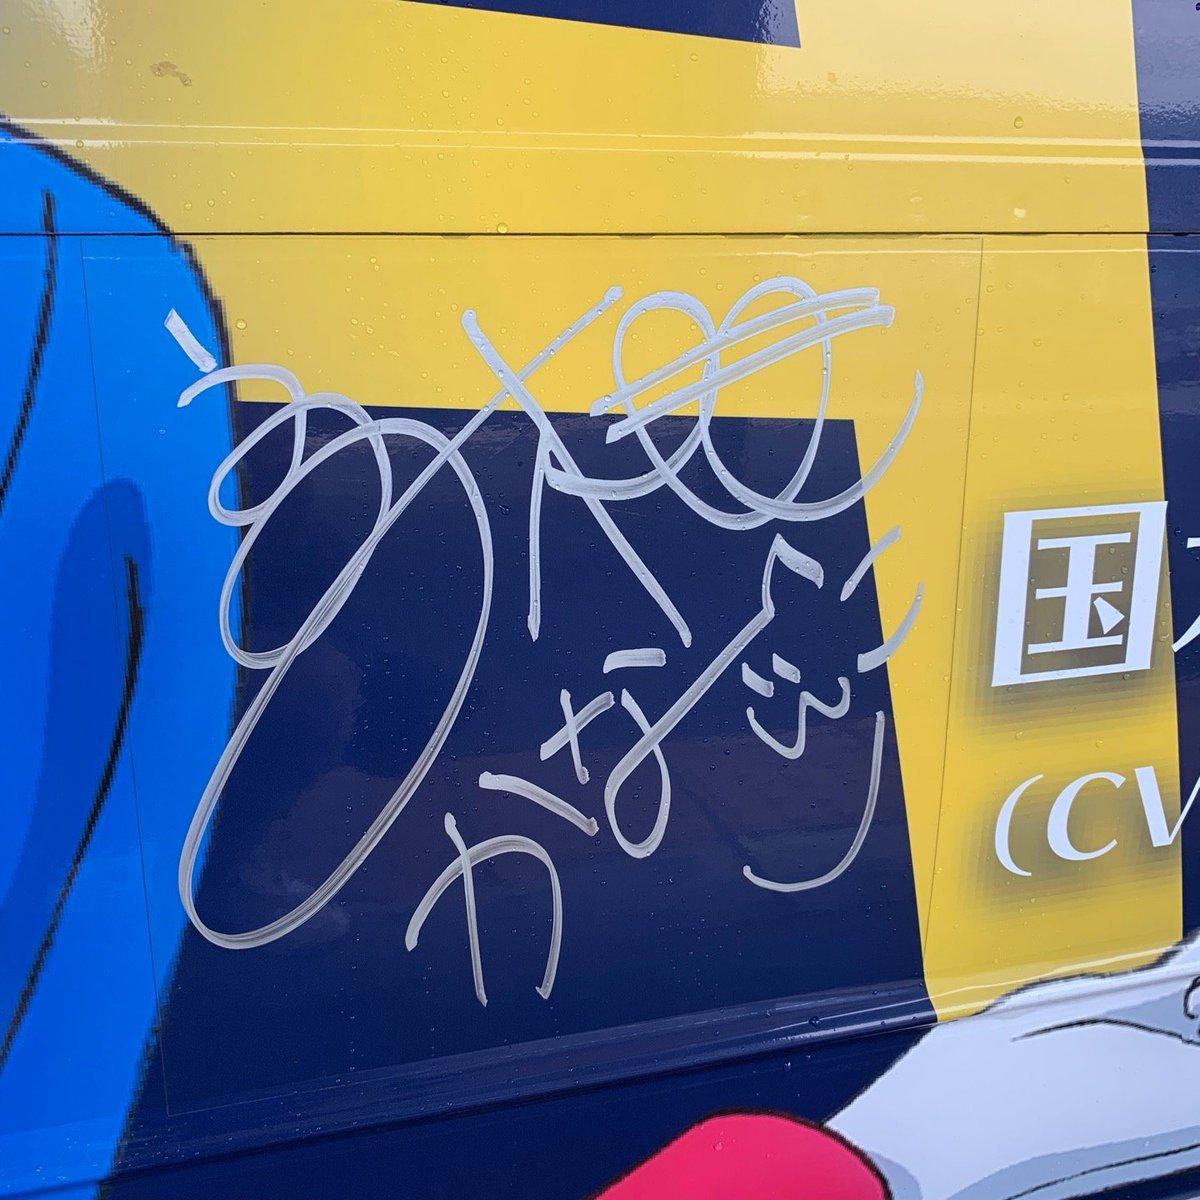 伊豆箱根鉄道 三島駅 HAPPY PARTY TRAIN号(国木田花丸・高槻かなこさんサイン)